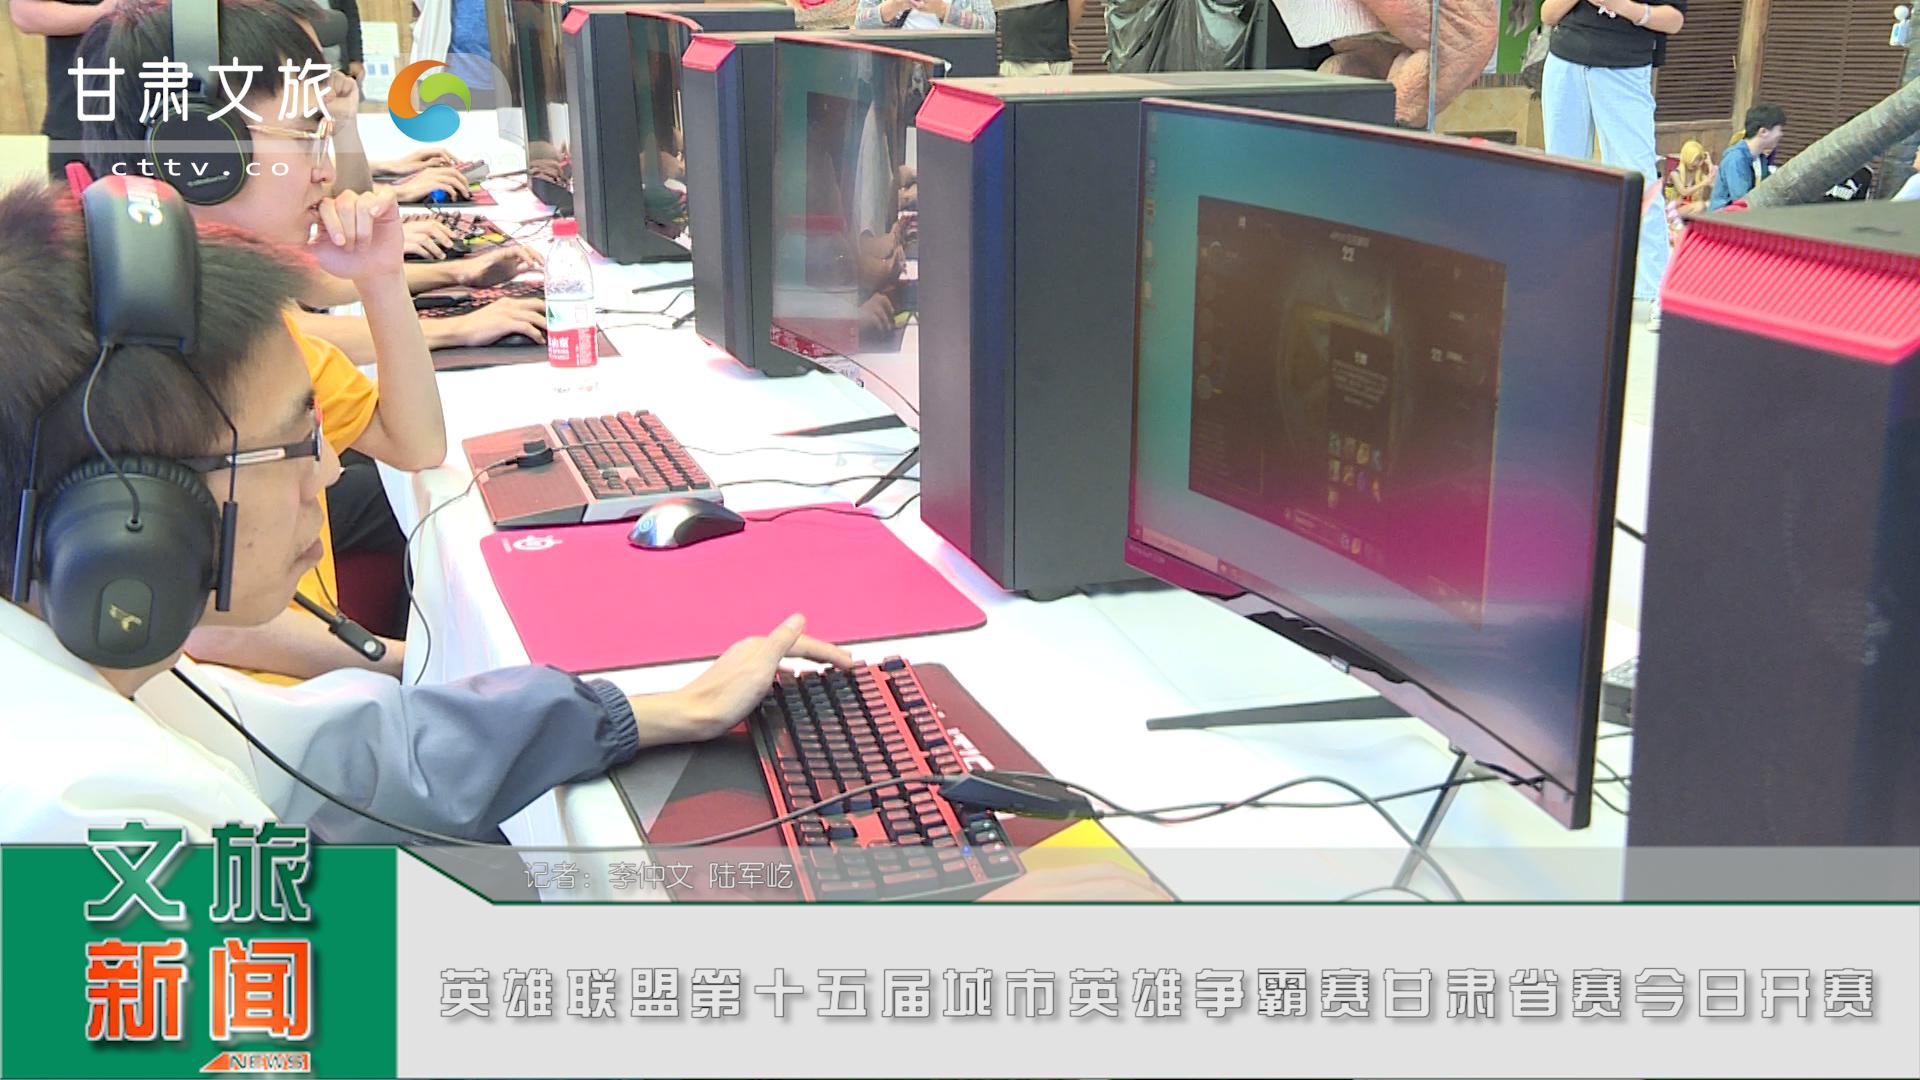 英雄联盟第十五届城市英雄争霸赛甘肃省赛今日开赛